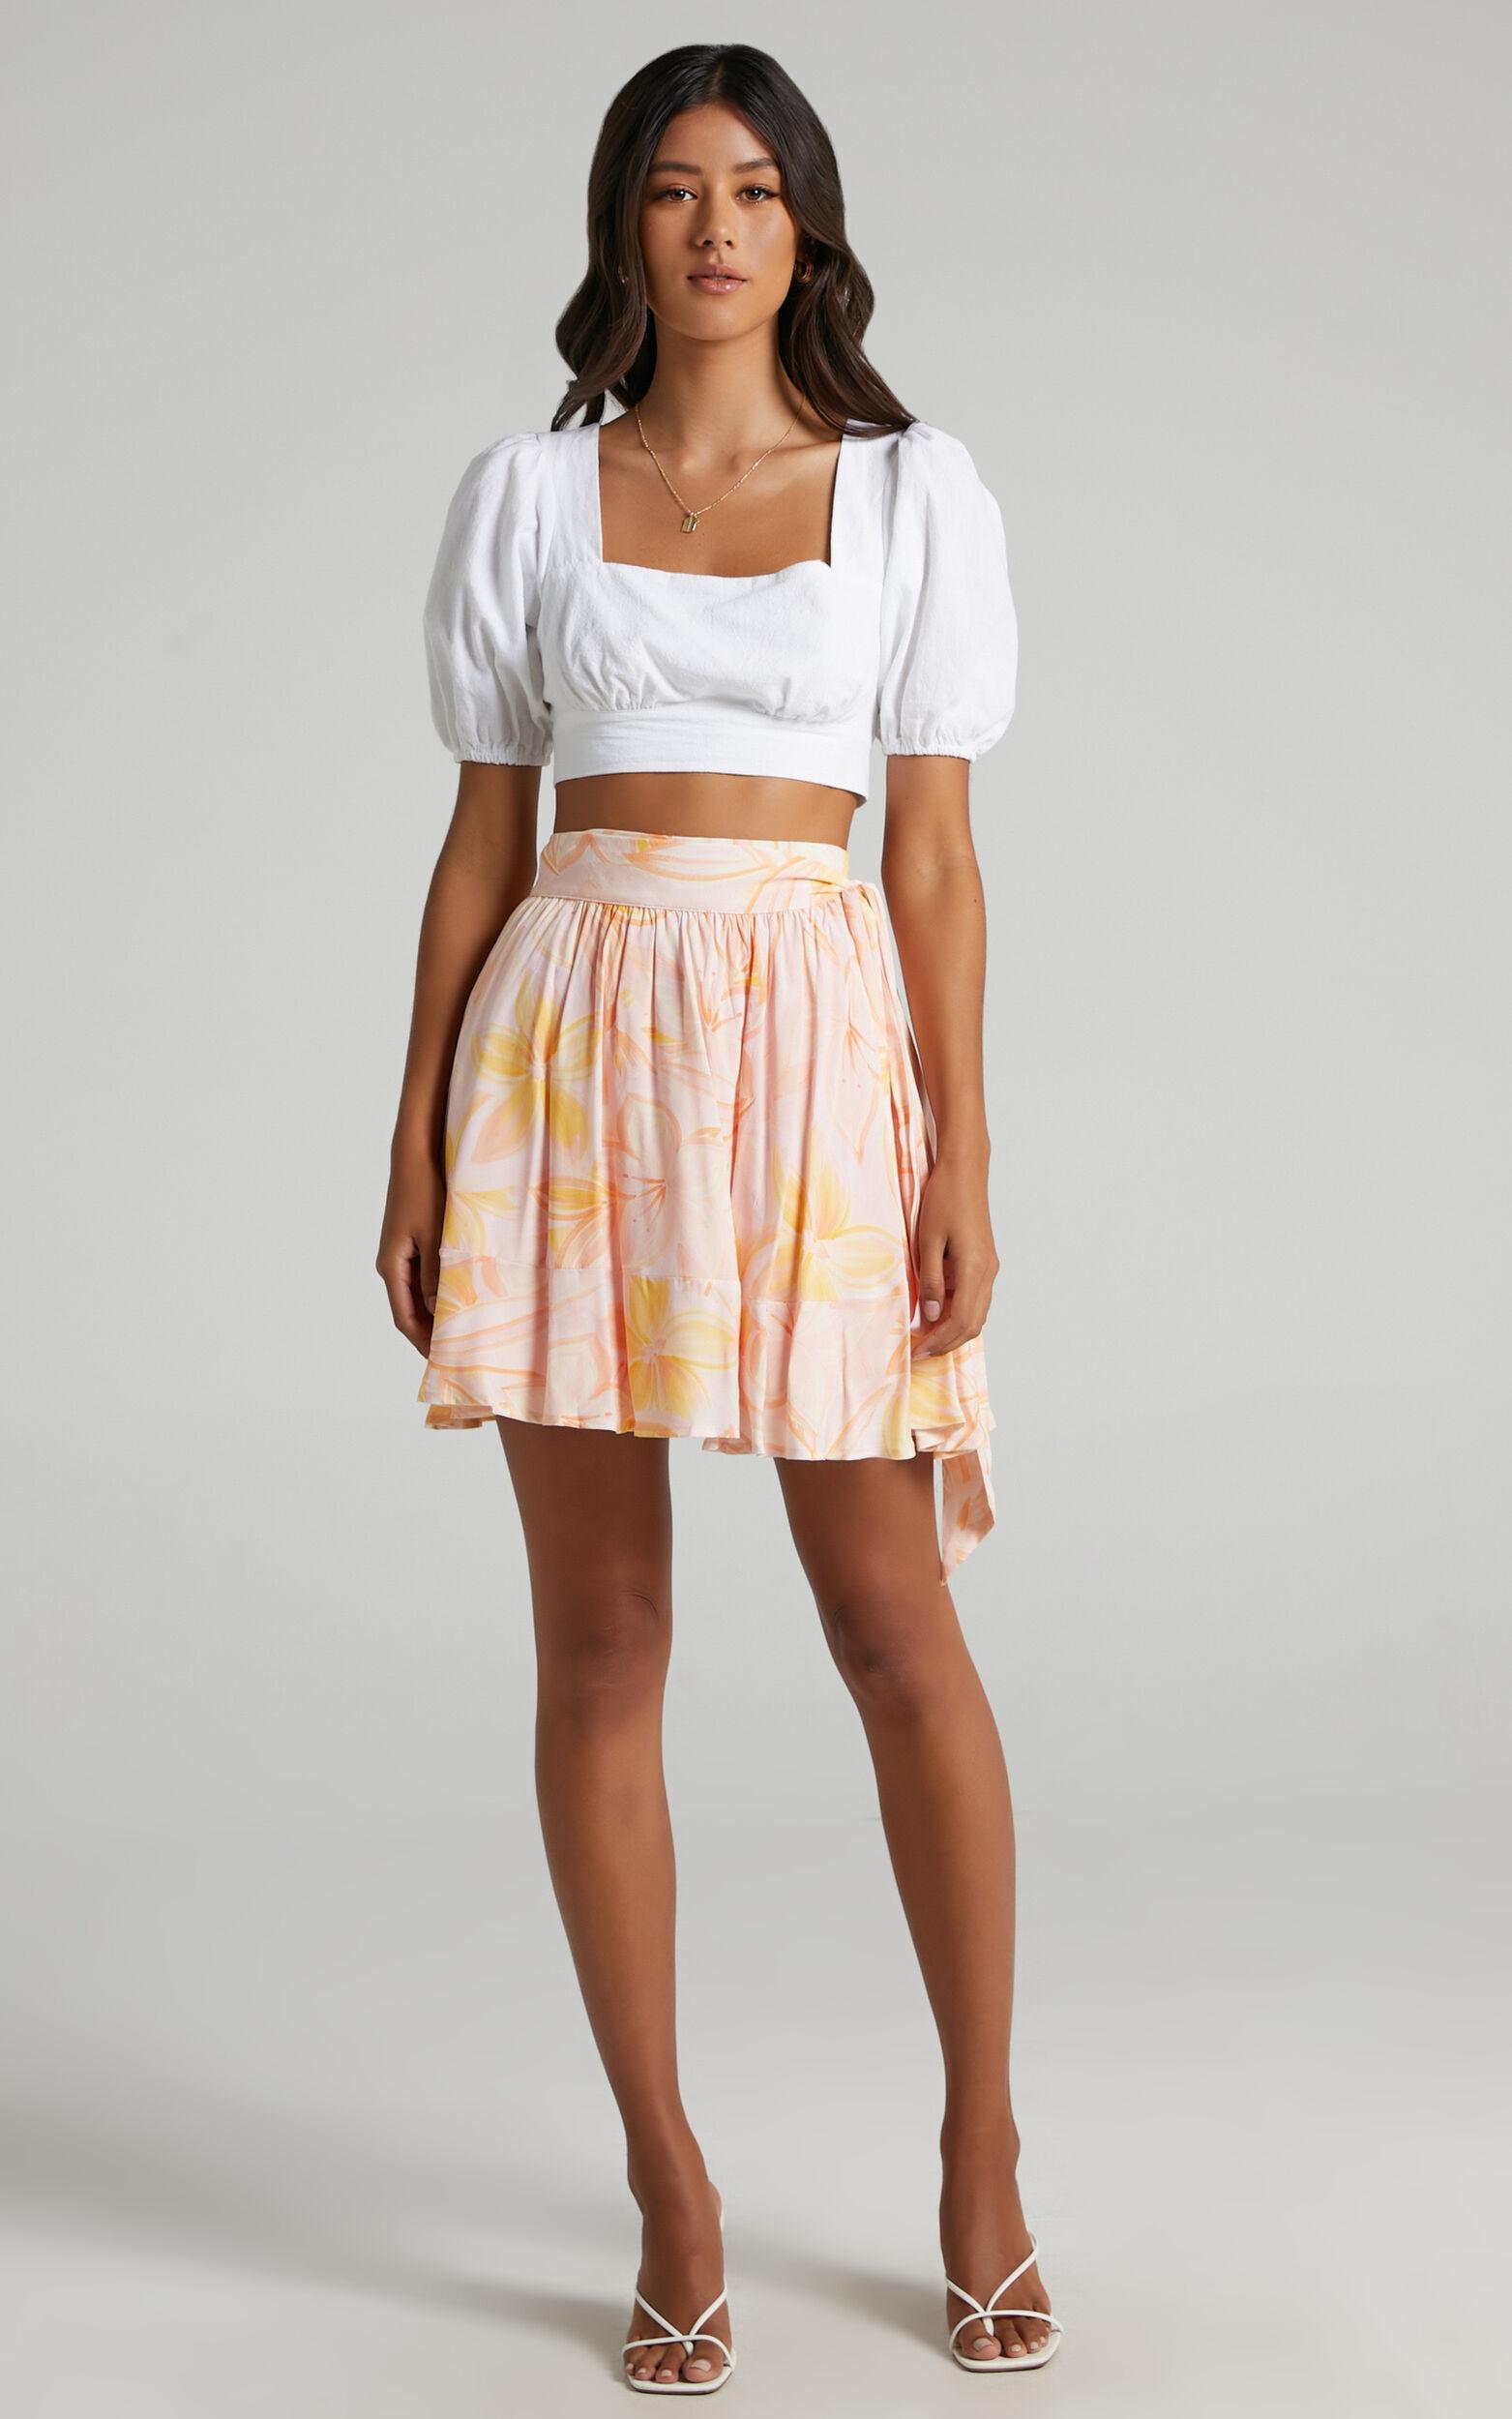 Eimear Skirt in Summer Floral - 06, PNK1, super-hi-res image number null